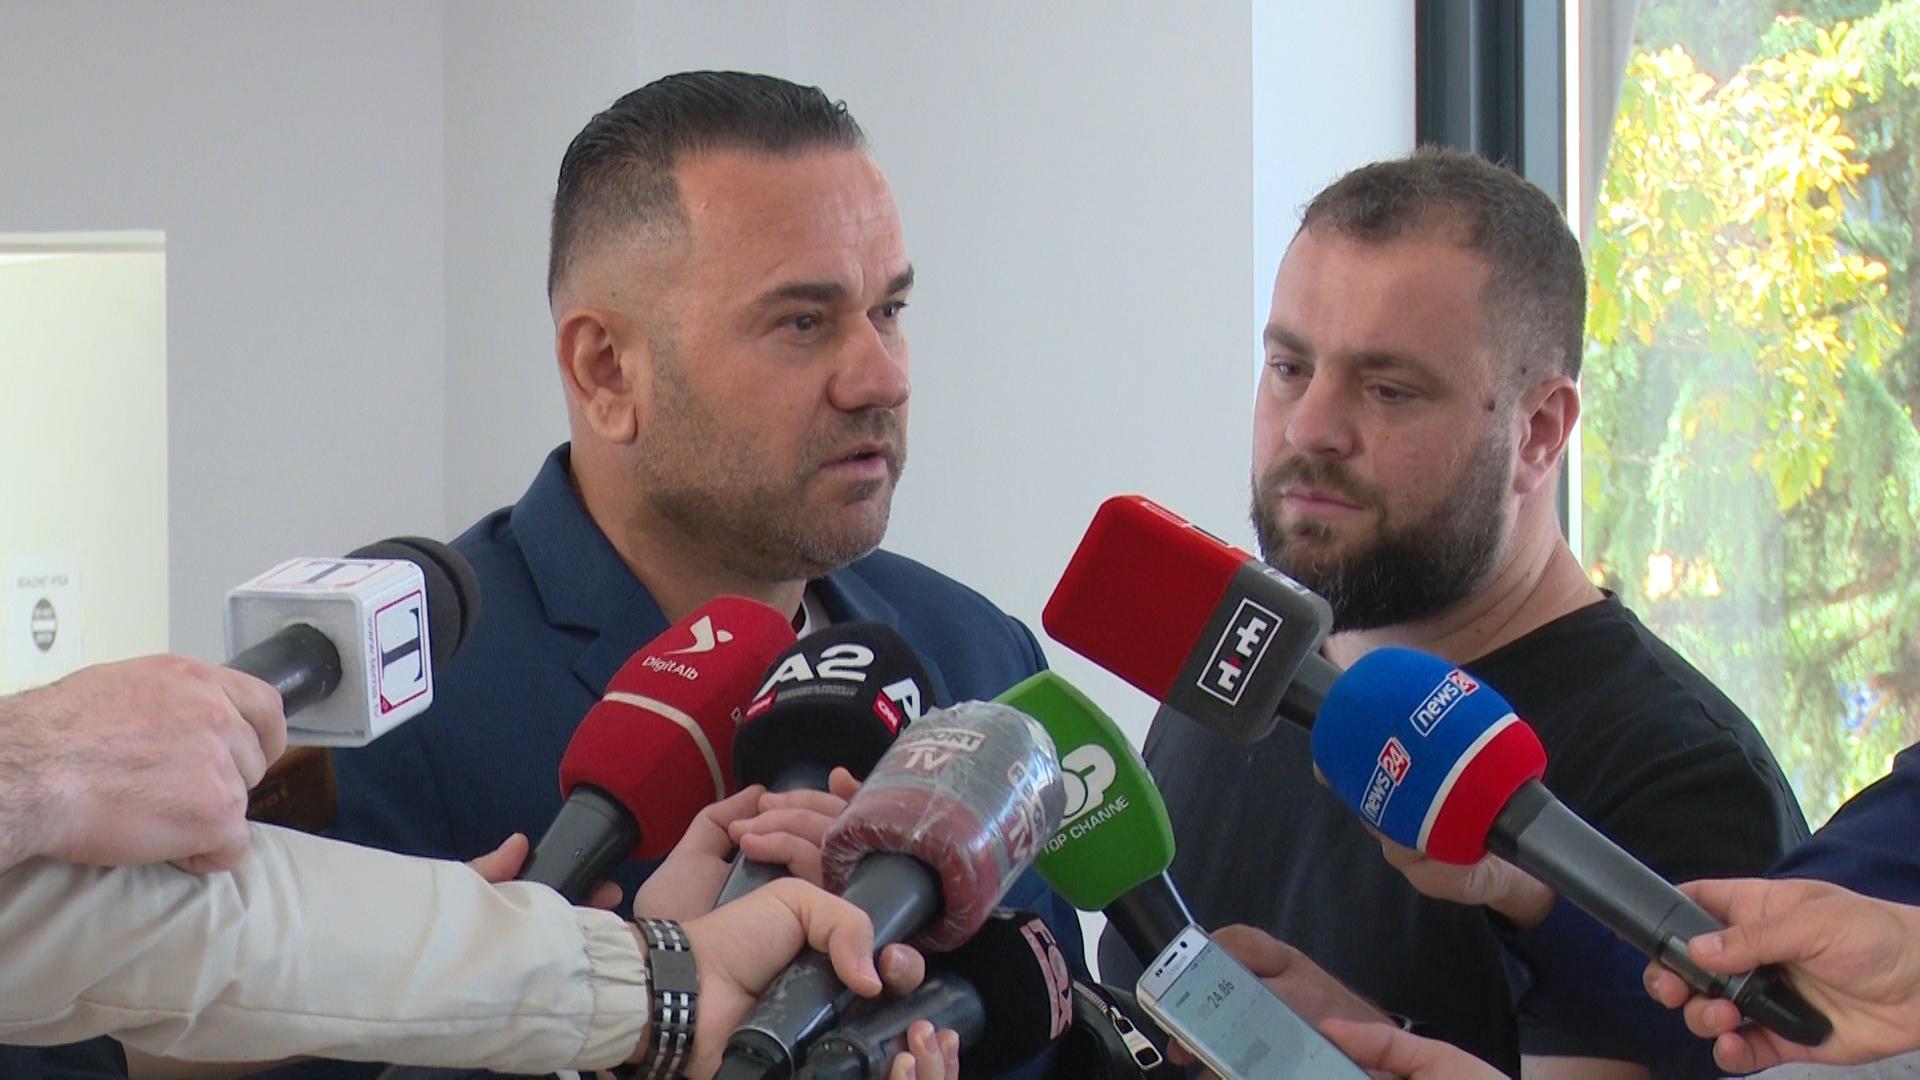 Kapllanaj: Arbitër që bënte humor, dënohem unë dhe trajneri i Teutës jo!